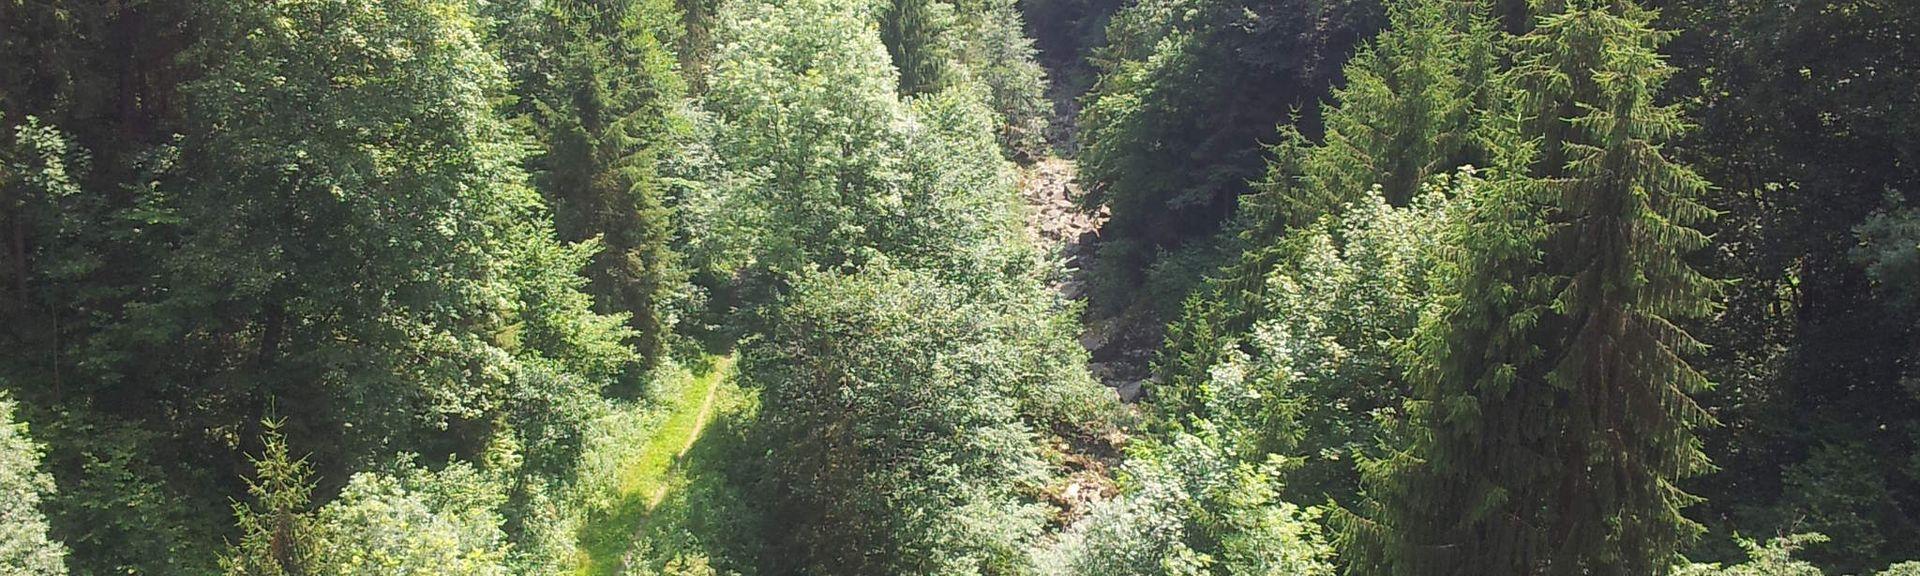 Gemeinde Peilstein im Mühlviertel, Haute-Autriche, Autriche